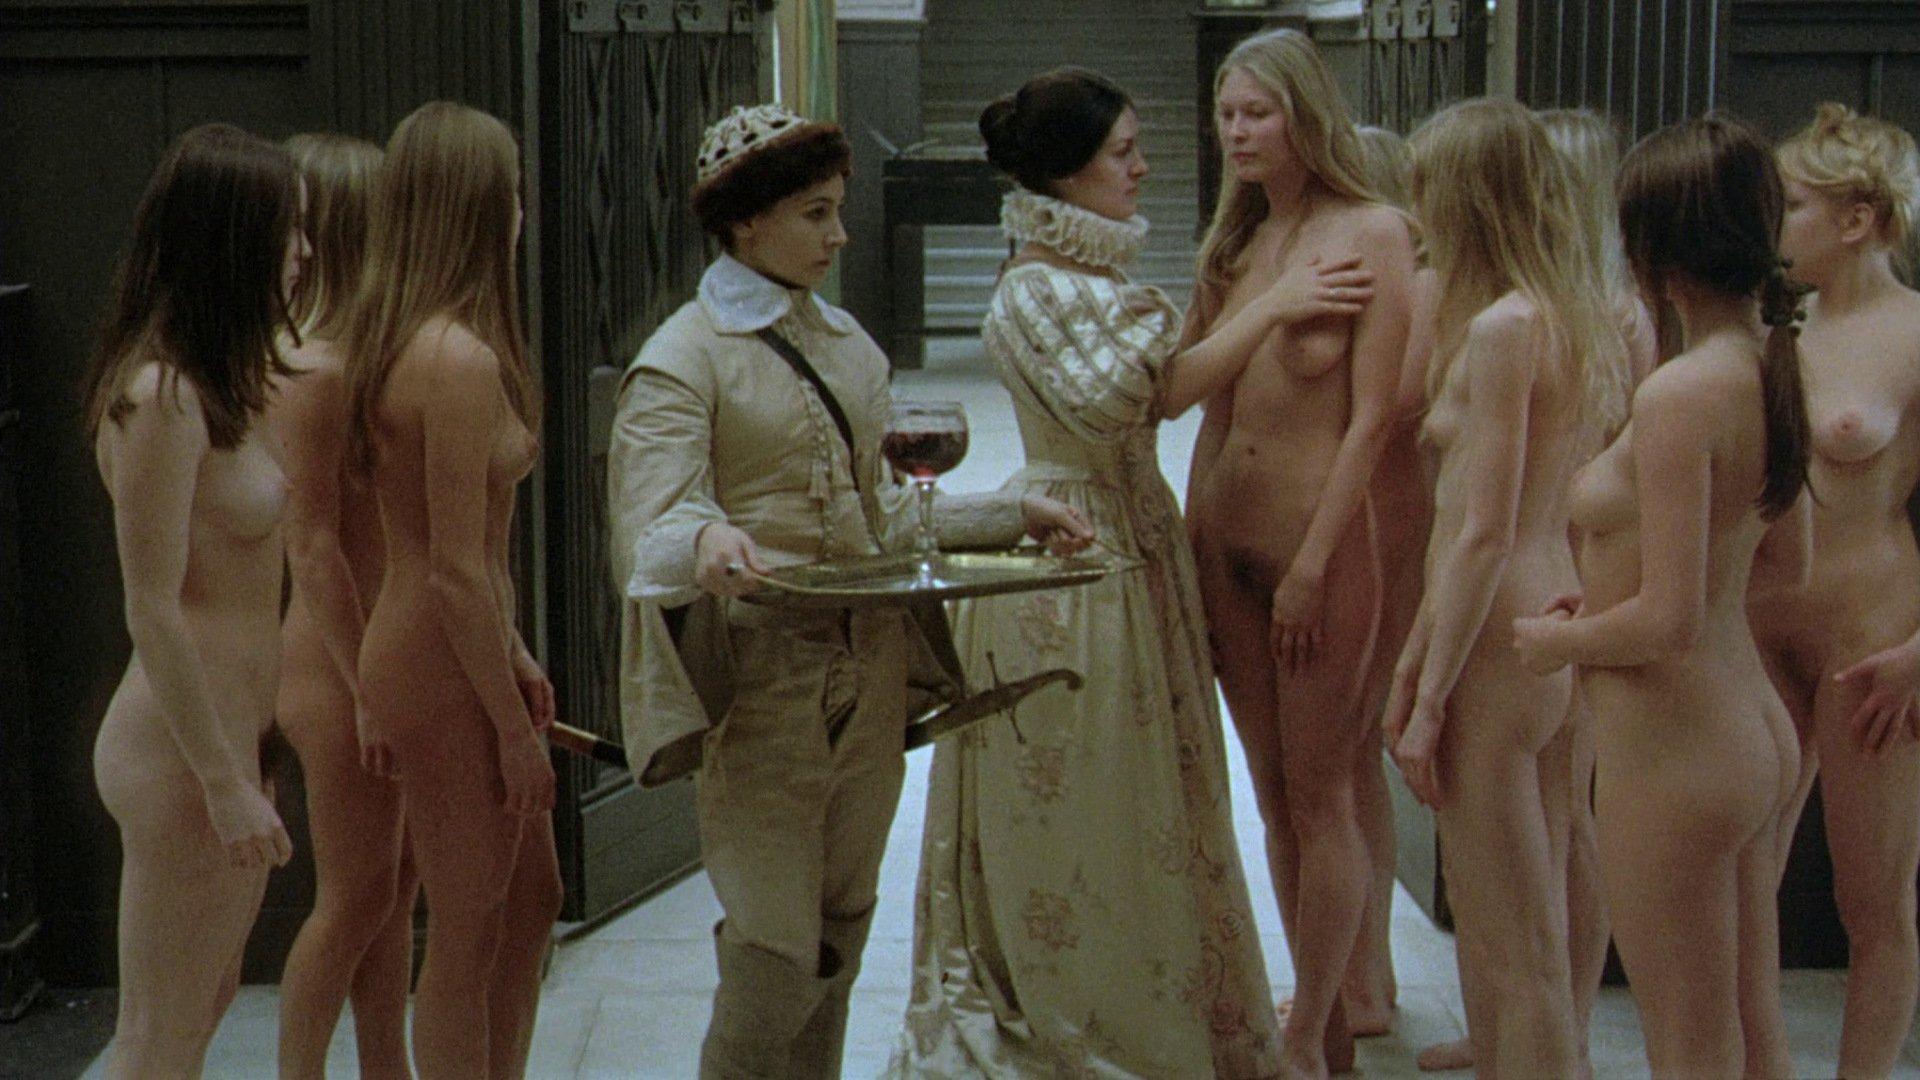 Порно фильмы фильмы онлайн смотреть польша